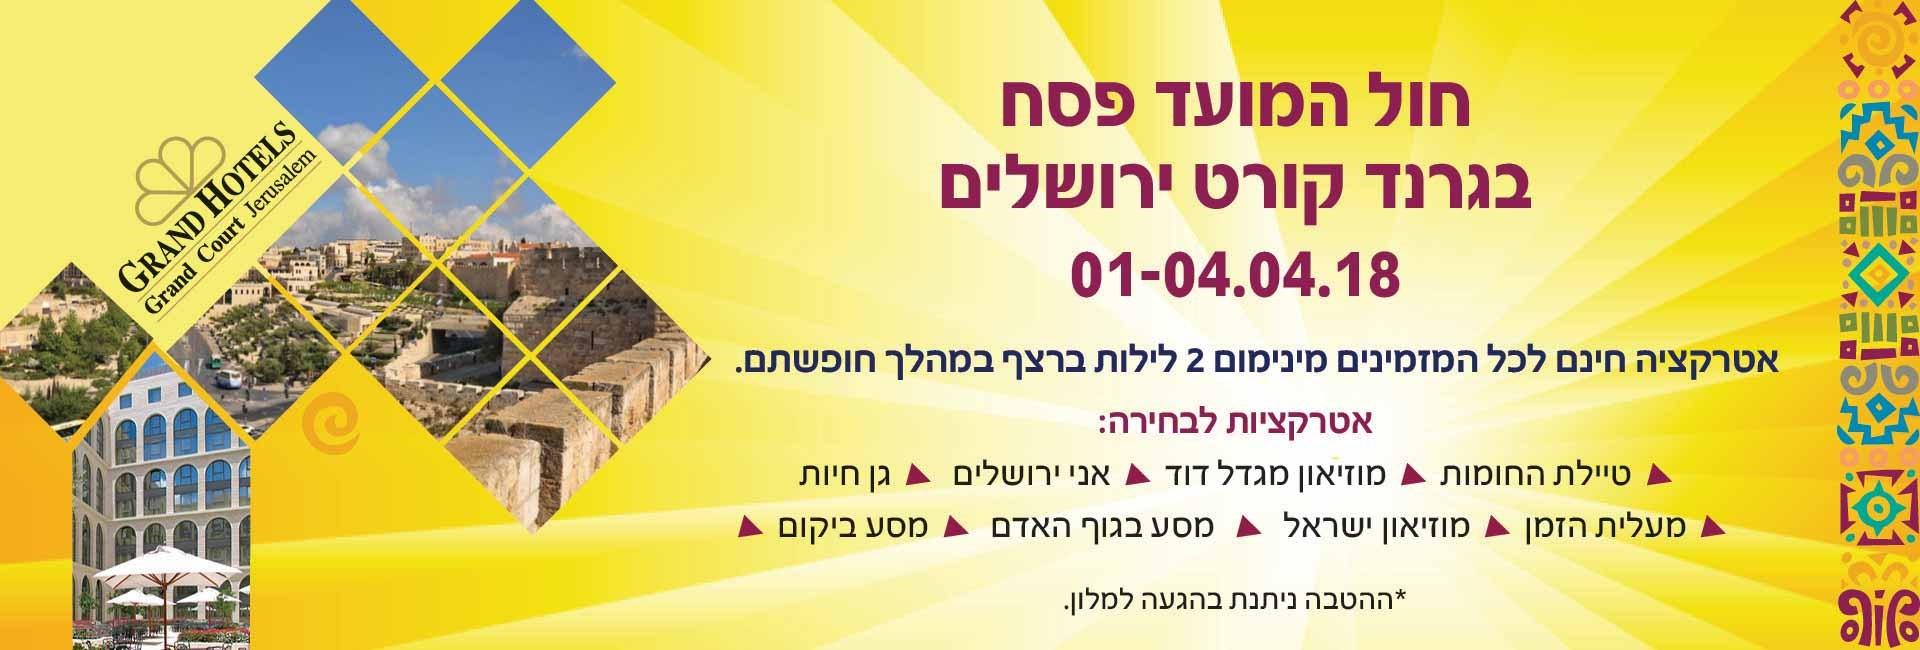 פסח בגרנד קורט ירושלים